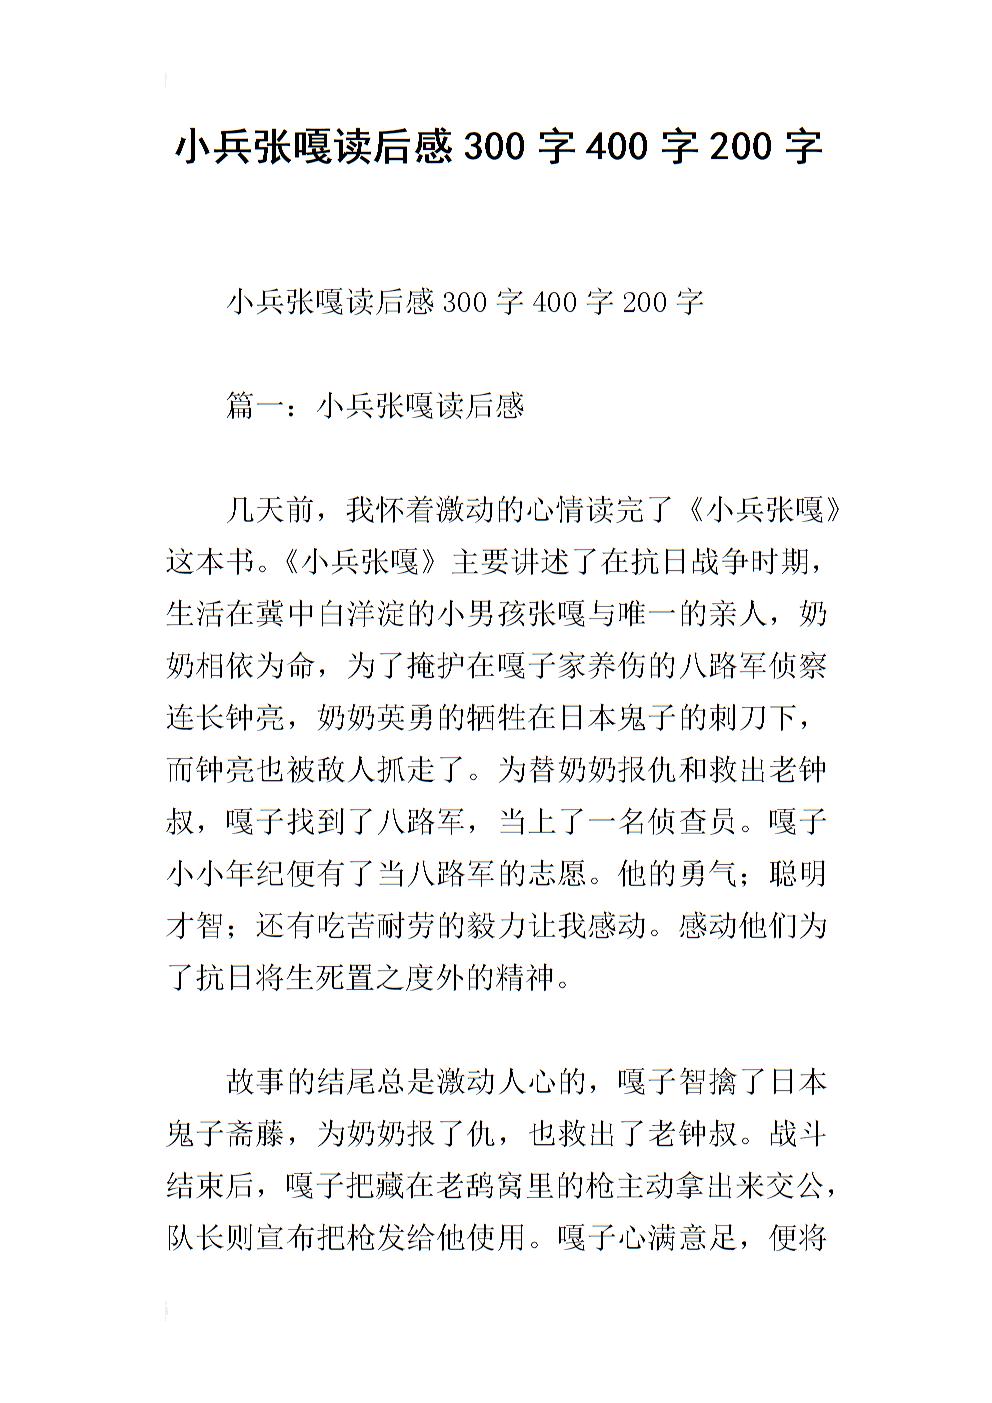 小兵张嘎观后感_小兵张嘎读后感300字400字200字.docx